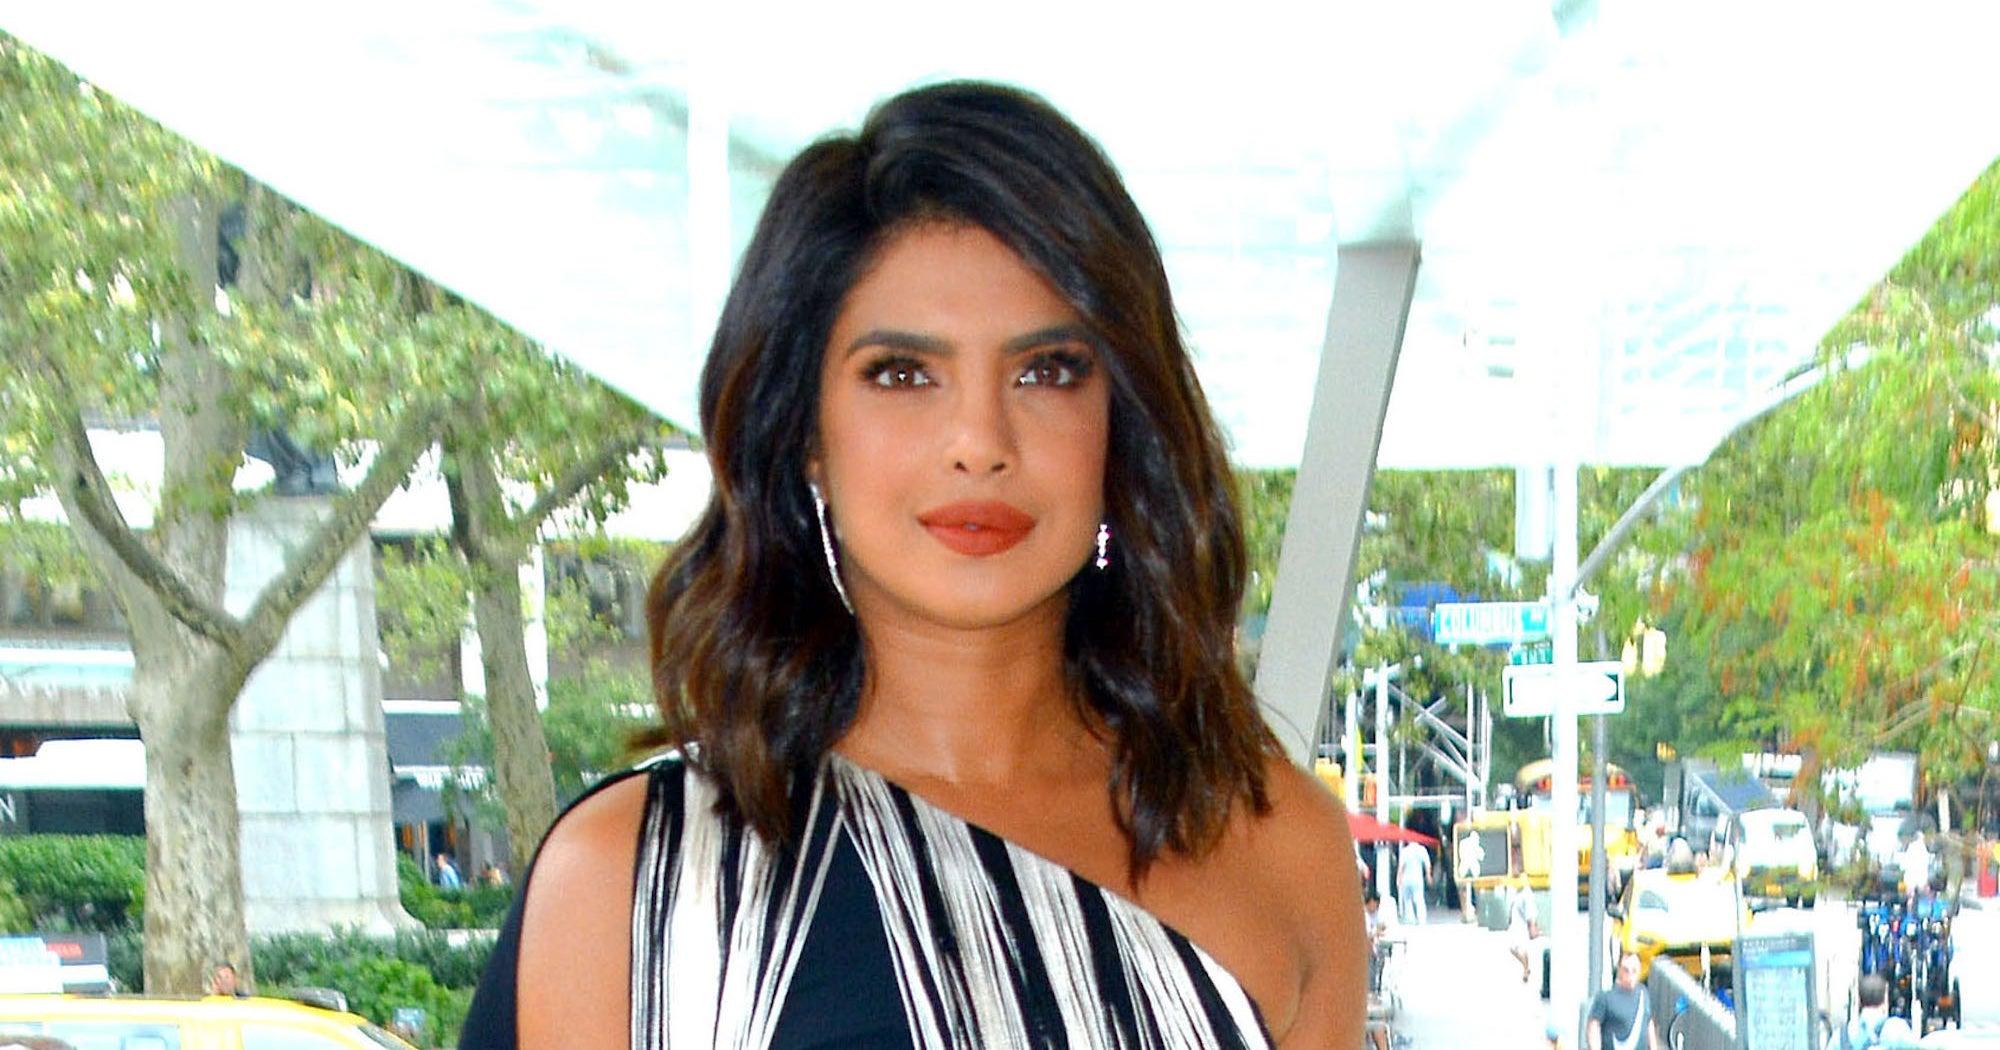 Priyanka Chopra Gets A Dark Brunette Bob For Fall